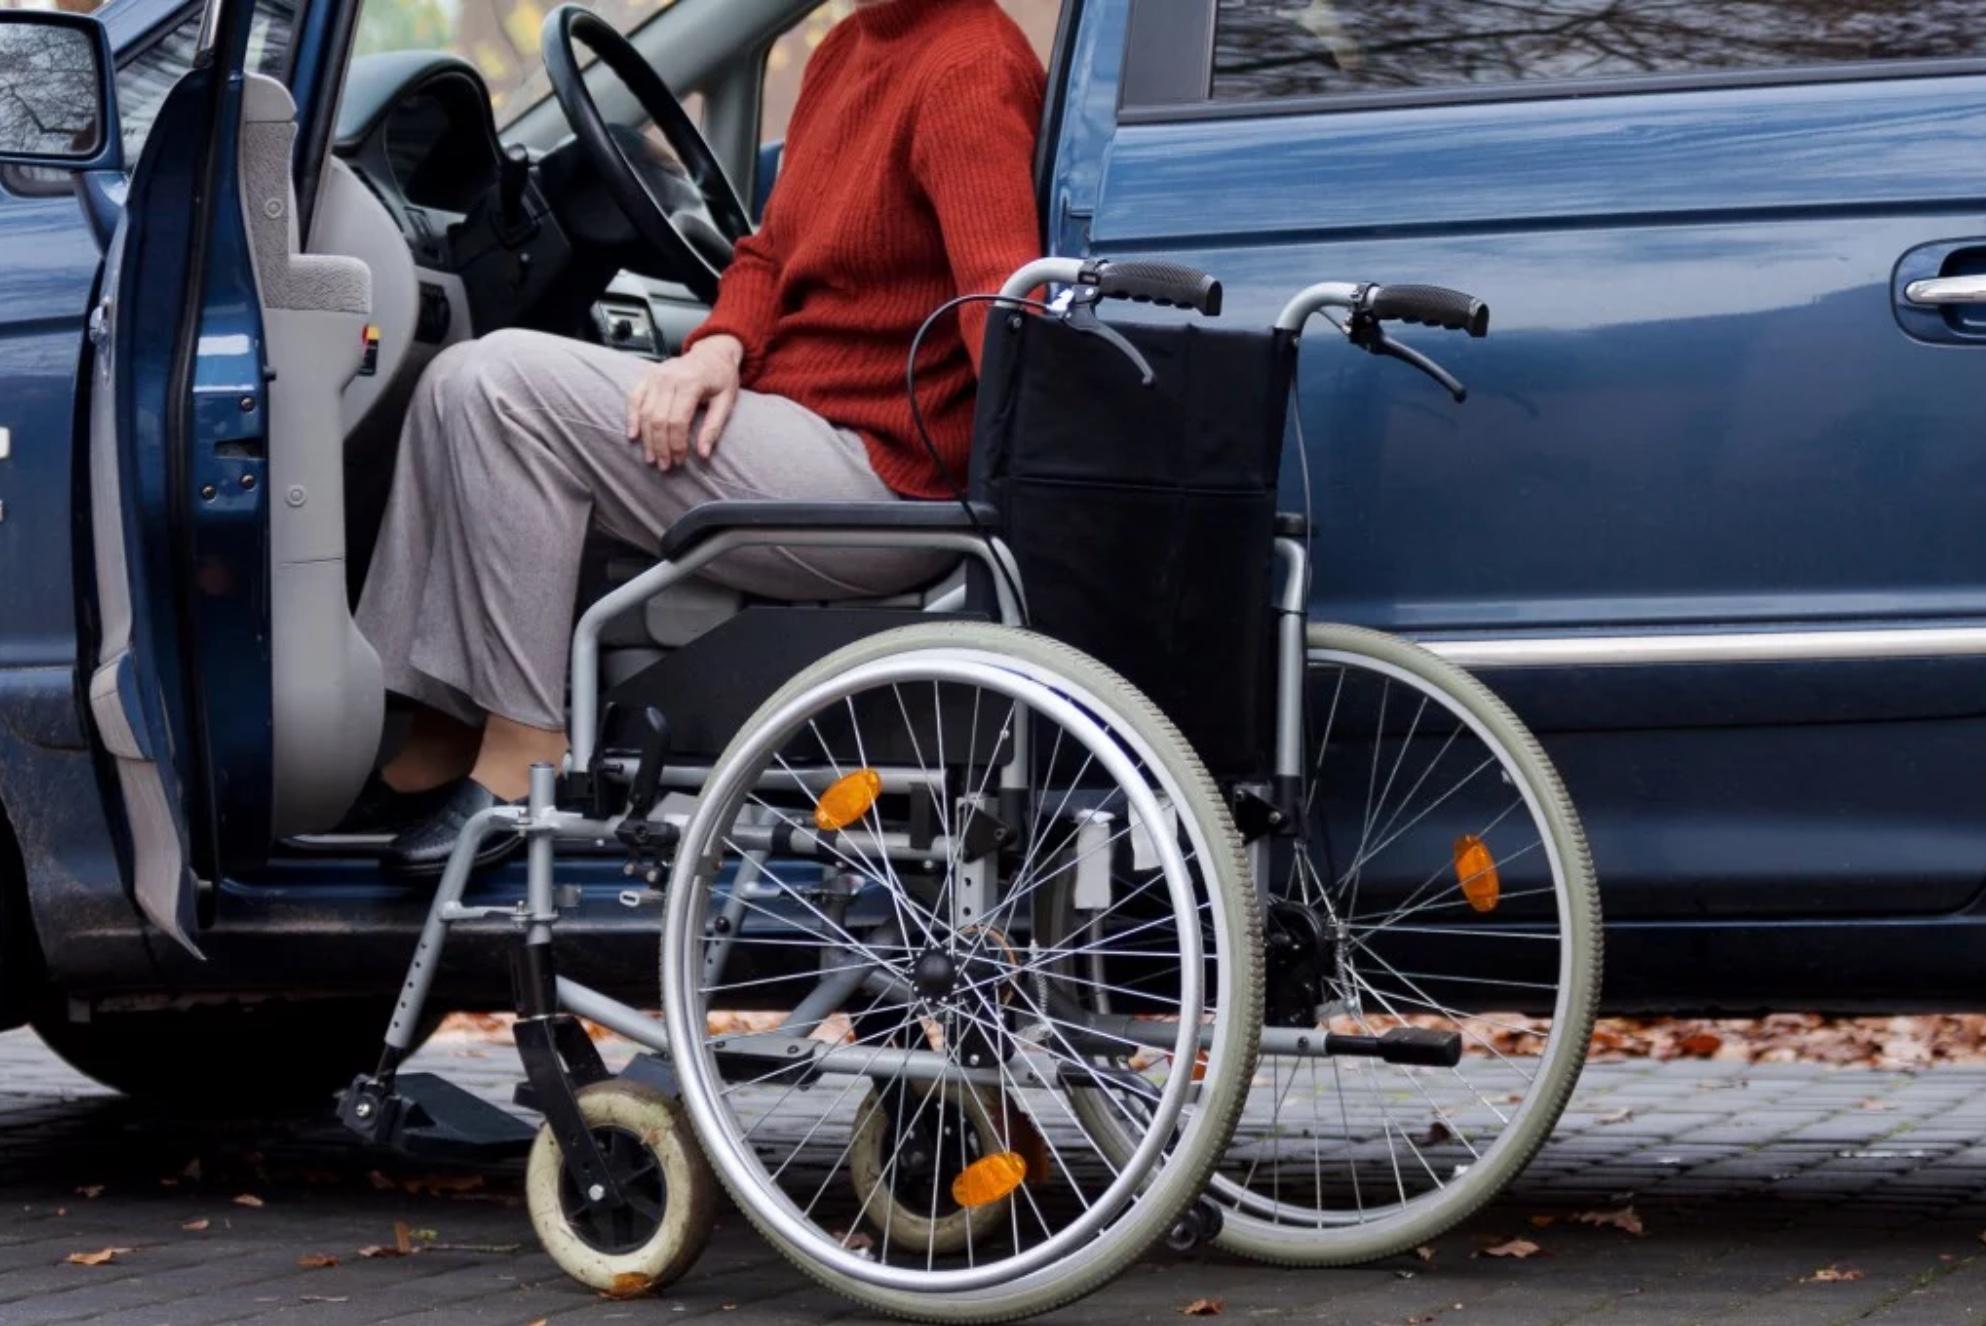 Правила дорожного движения для инвалидов. ПДД, знаки, льготы